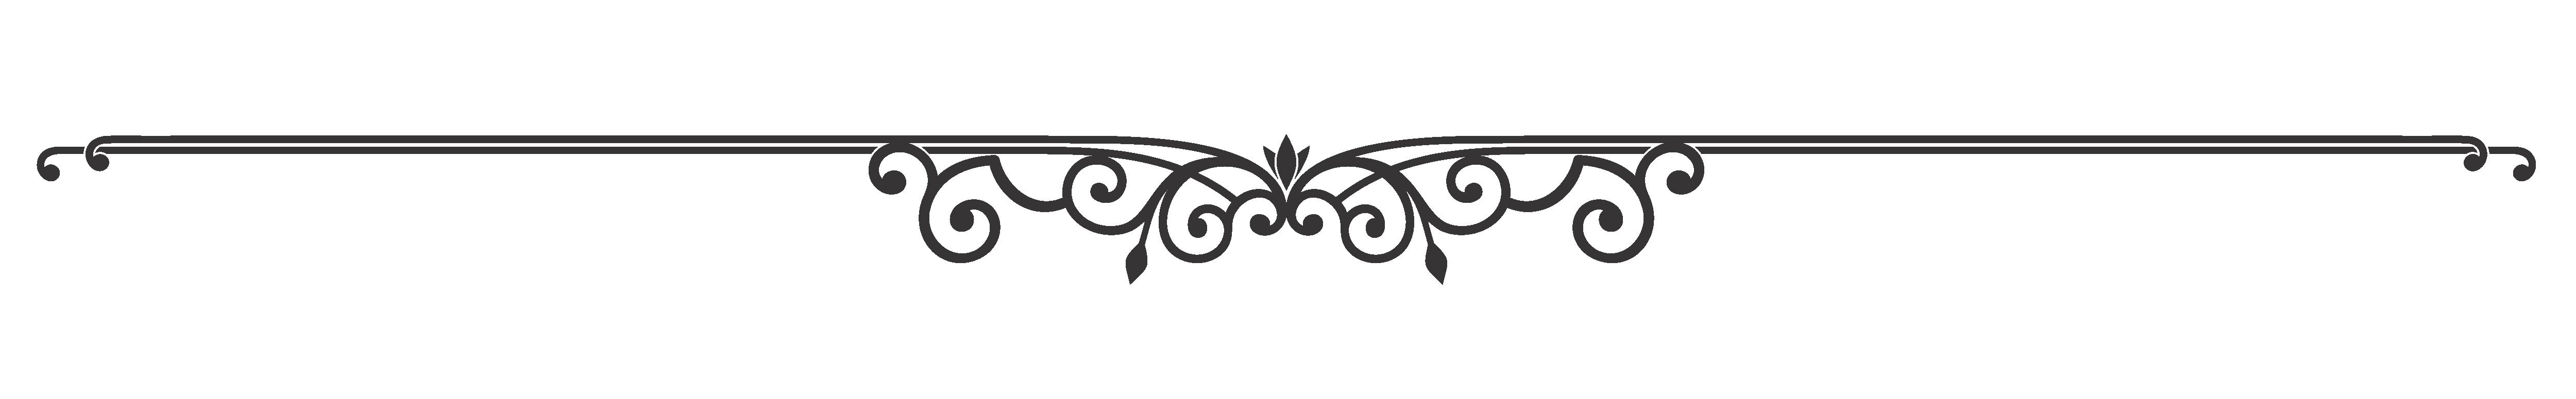 http://www.arabesko.ru/images/files/vector/lines/arabesko.ru_14.png